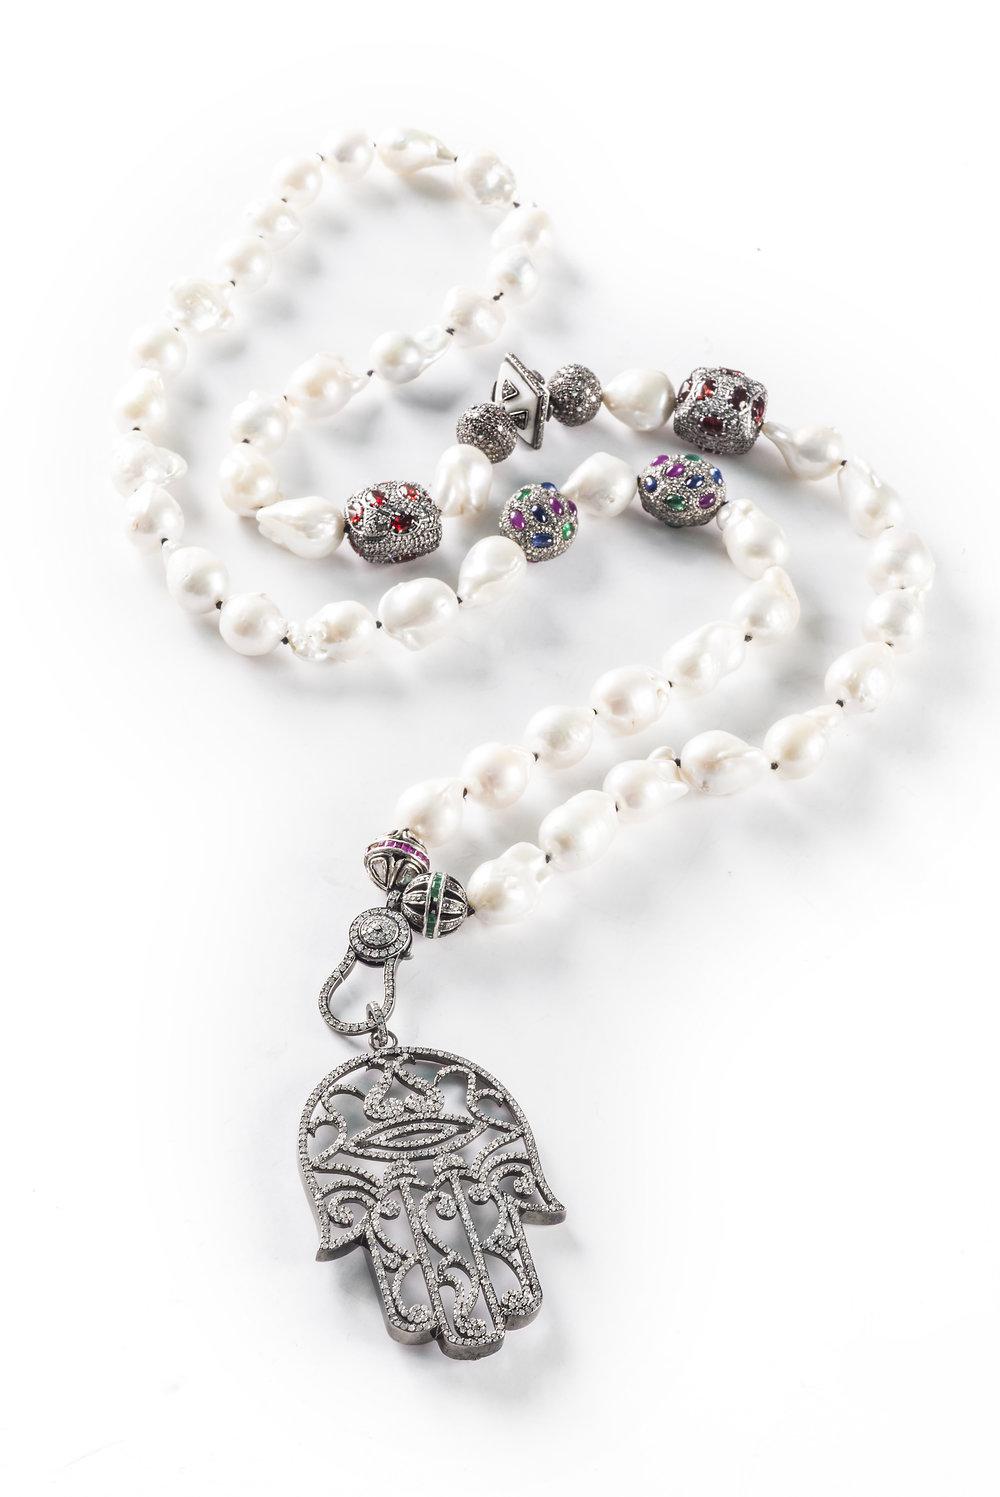 Clarissa Bronfman Jewelry by Andrew Werner - 338.jpg